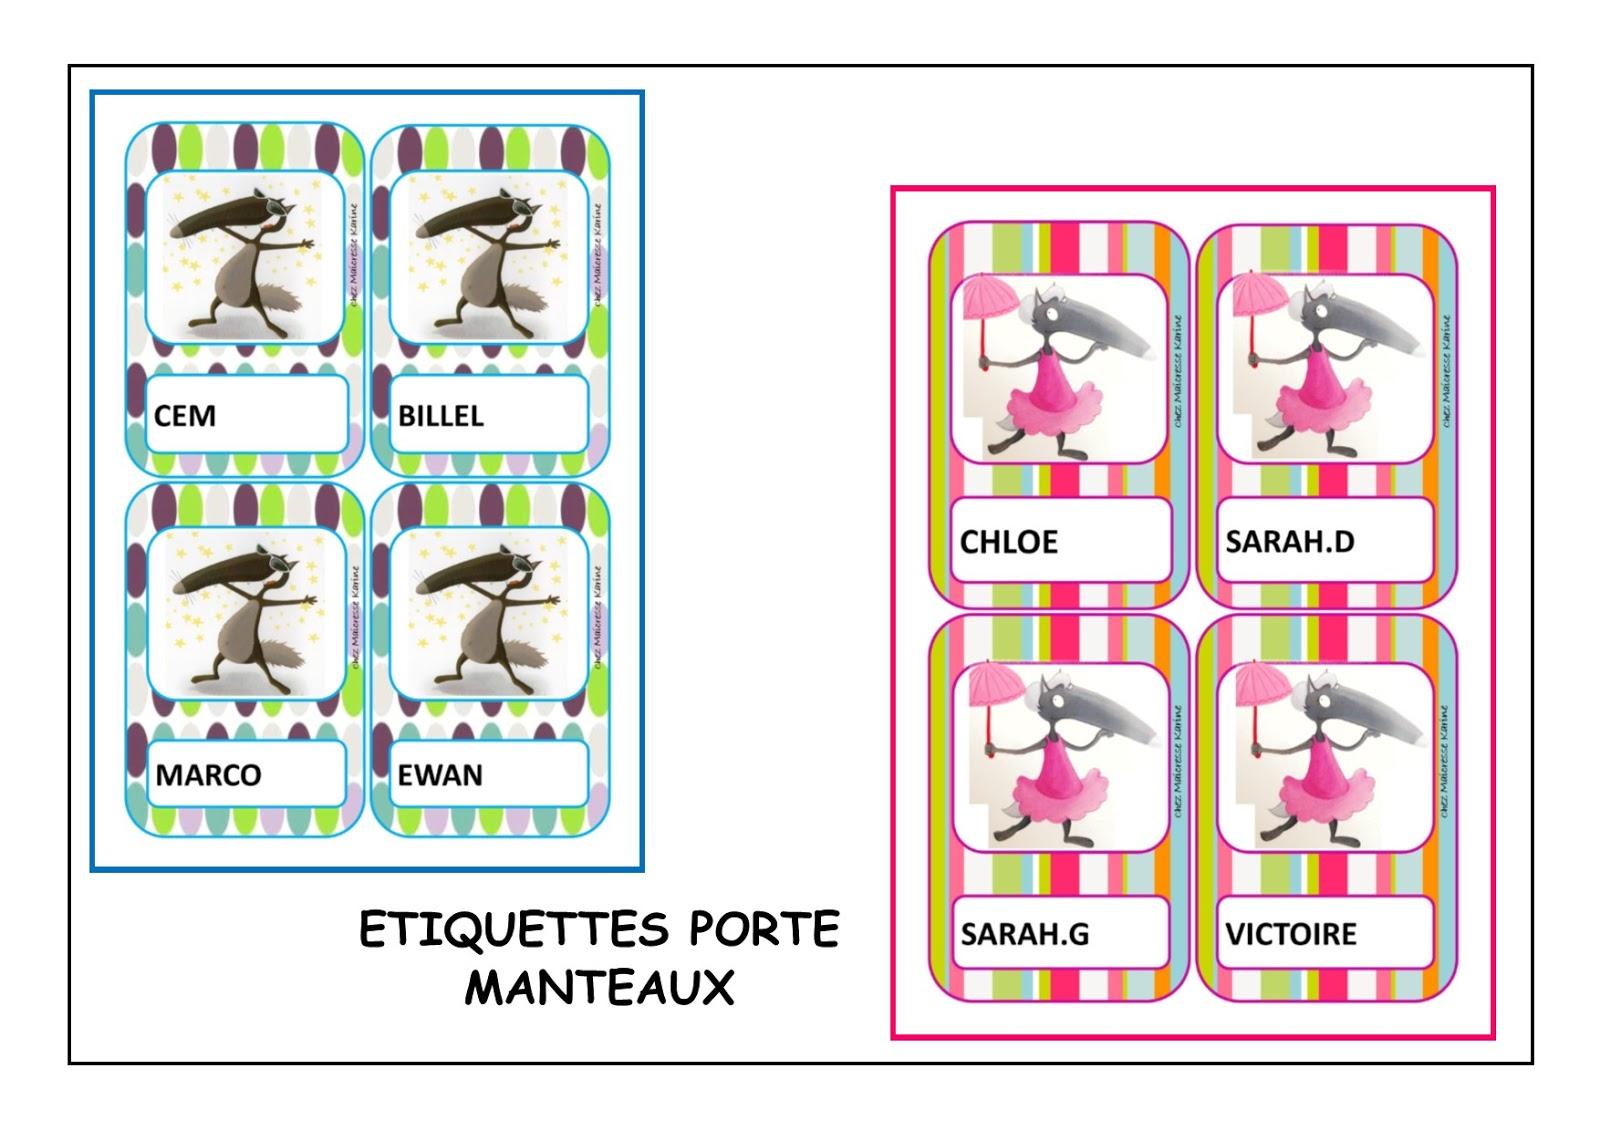 Chez maicresse karine etiquettes porte manteaux - Etiquette porte manteau maternelle imprimer ...